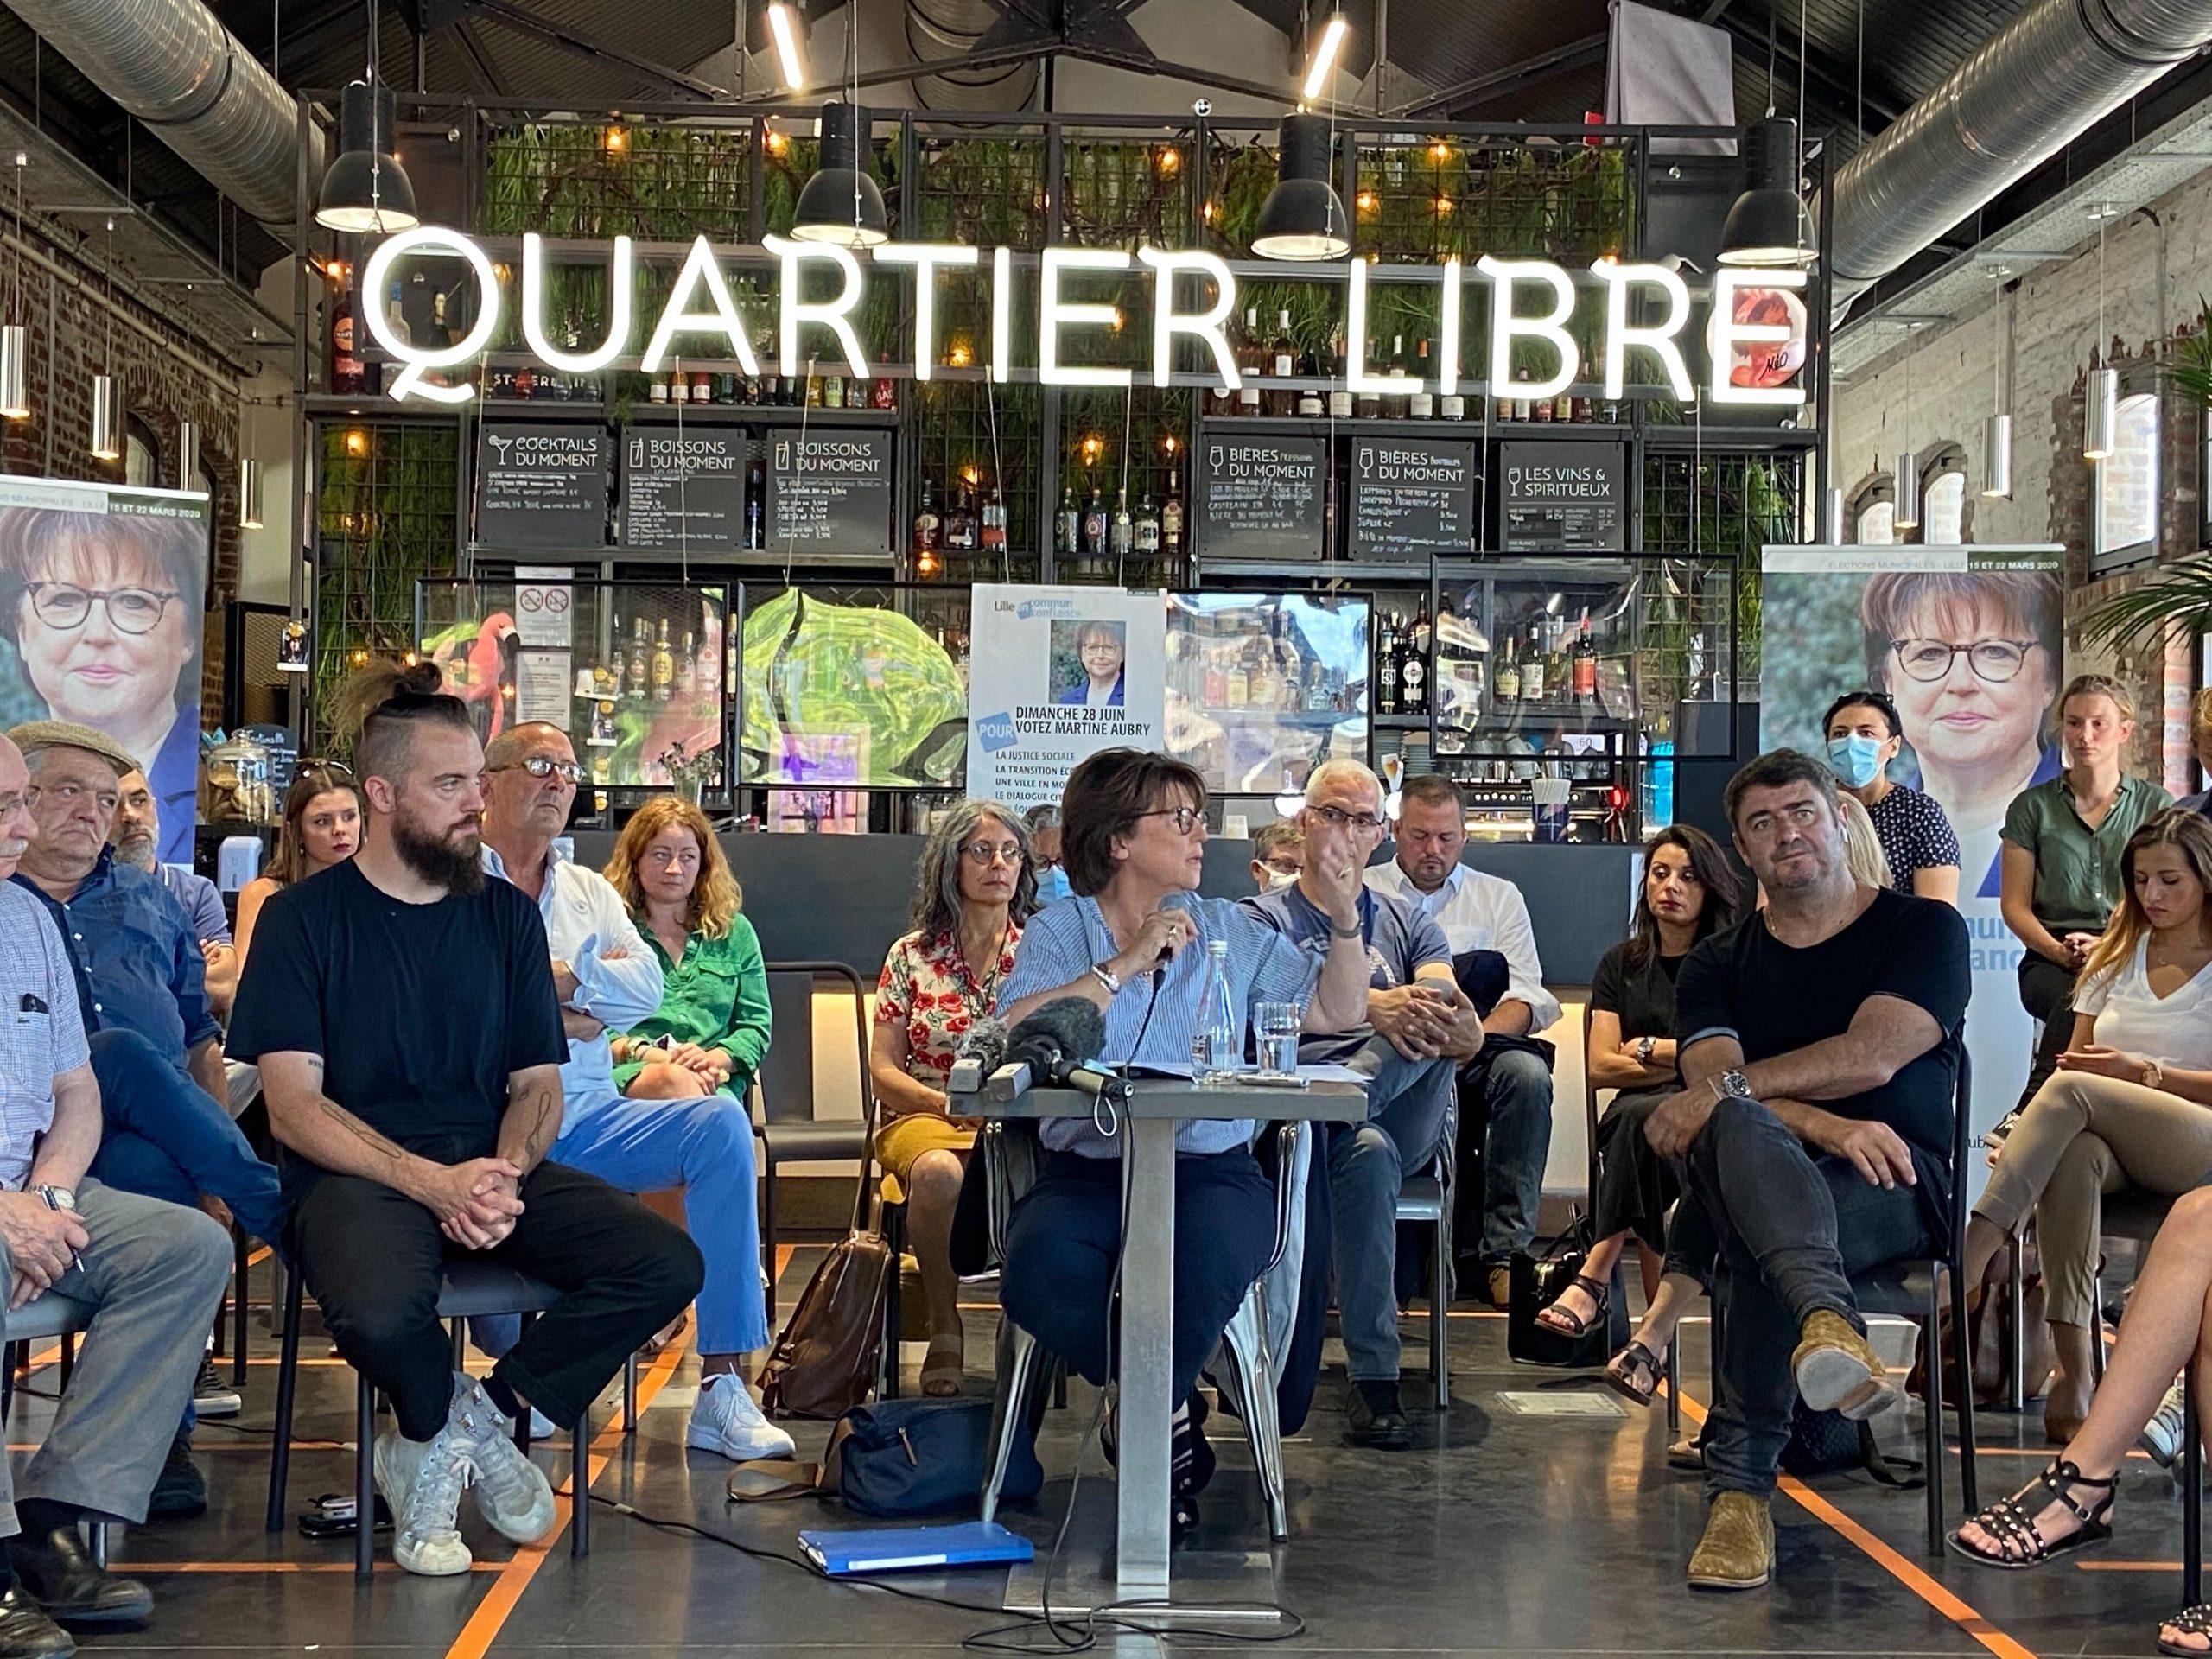 Au Quartier Libre, Martine AUbry et son équipe sont revenus une ultime fois sur le programme de la candidate socialiste © Hugo Palacin